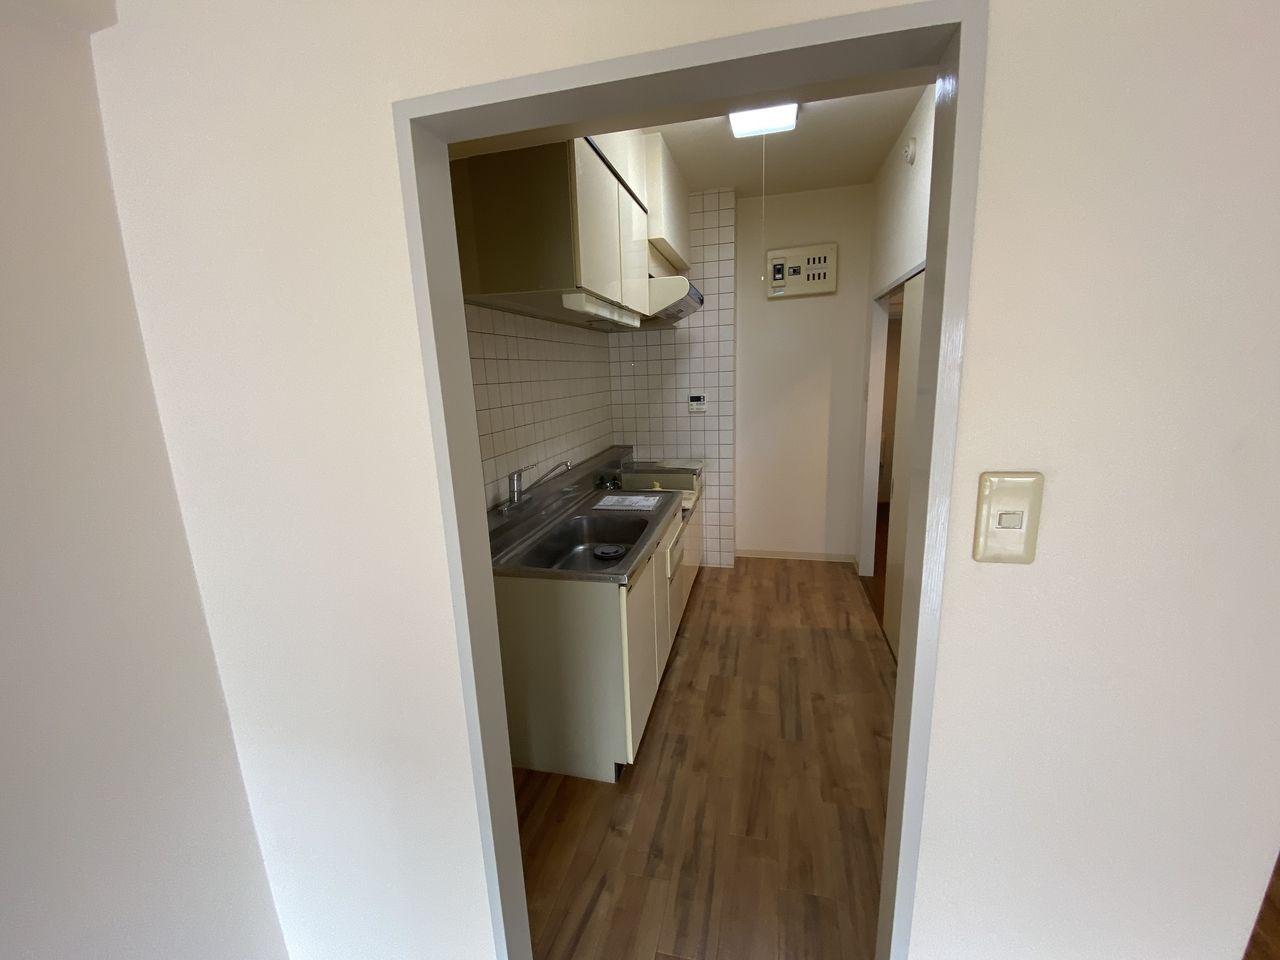 EV付たまプラーザ駅2分のマンションの第5正美ビルののキッチン